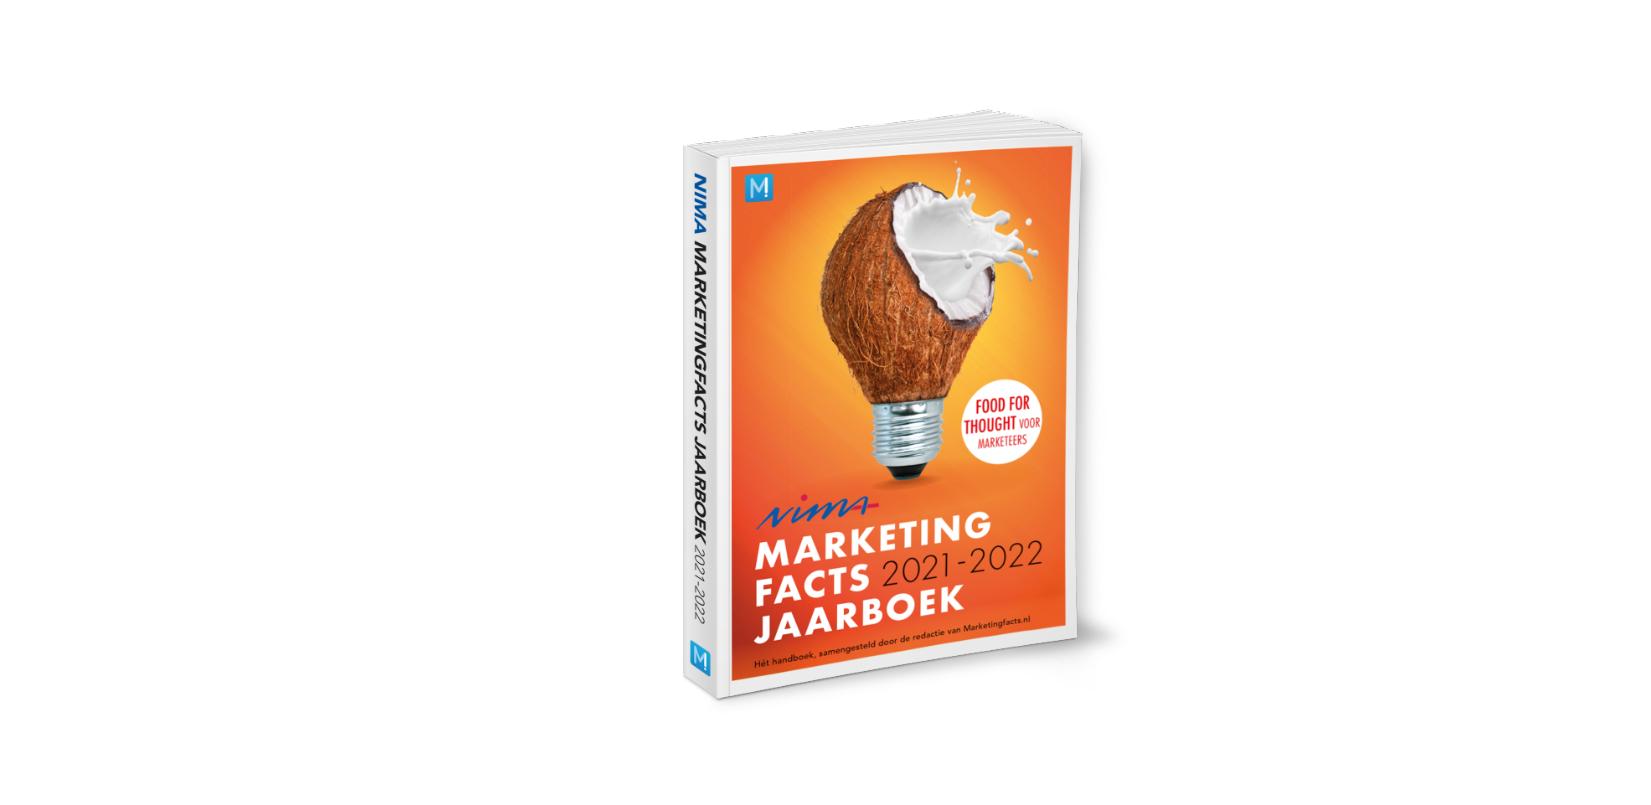 Fotoreportage vernissage NIMA Marketingfacts Jaarboek 2021-2022